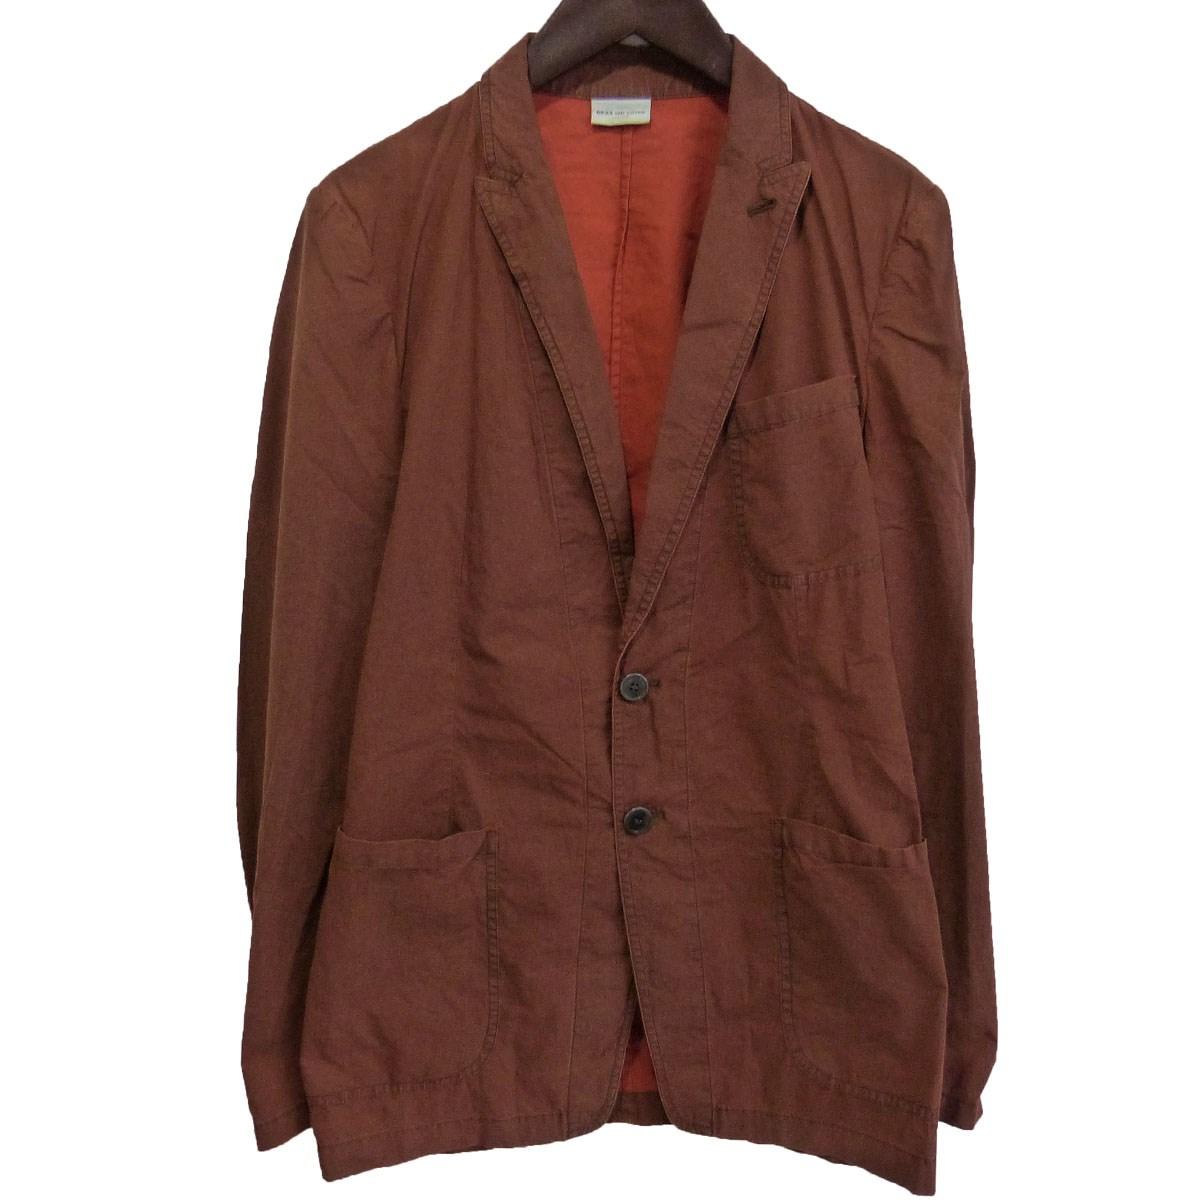 【中古】DRIES VAN NOTEN 染色テーラードジャケット ブラウン サイズ:46 【010320】(ドリスヴァンノッテン)